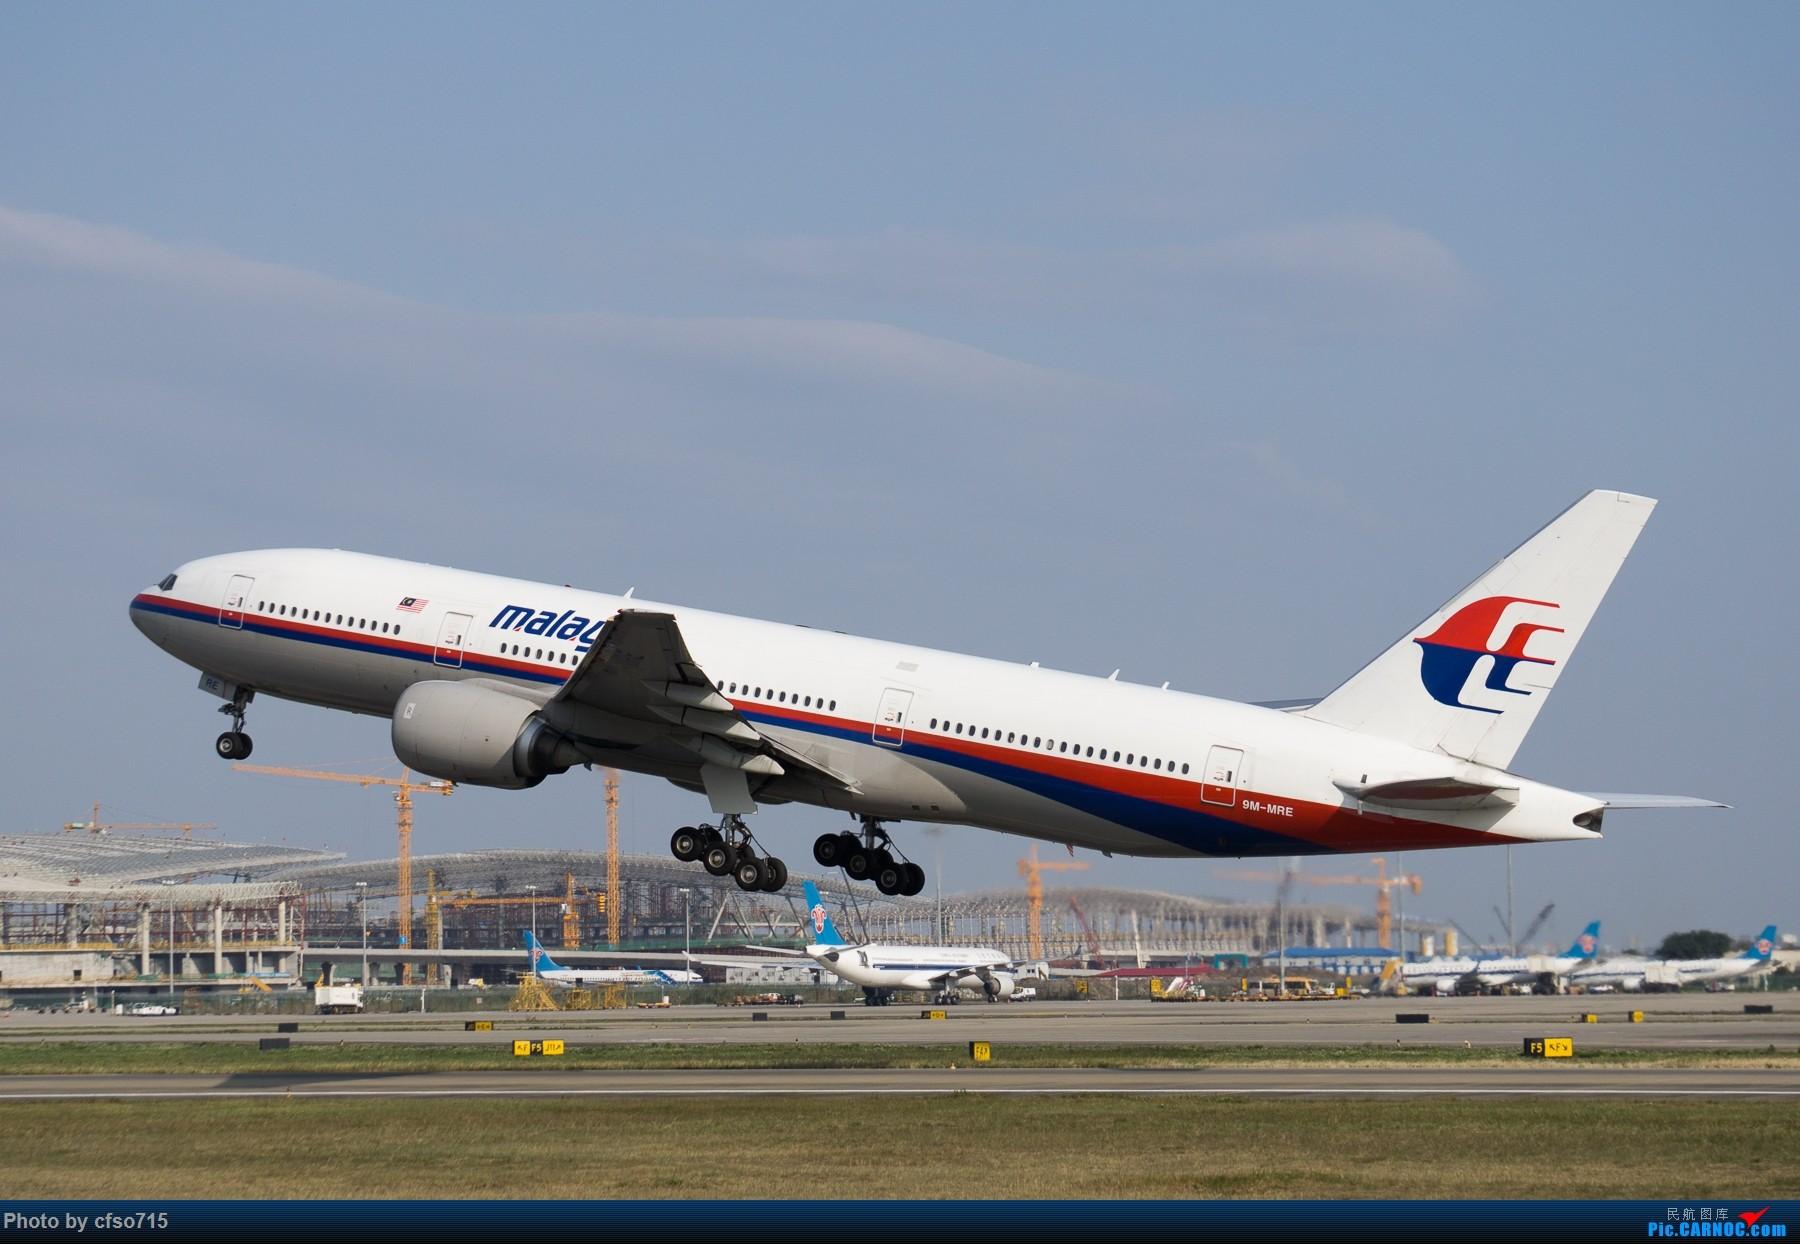 Re:[原创]一些15年的图 BOEING 777-200 9M-MRE 中国广州白云国际机场